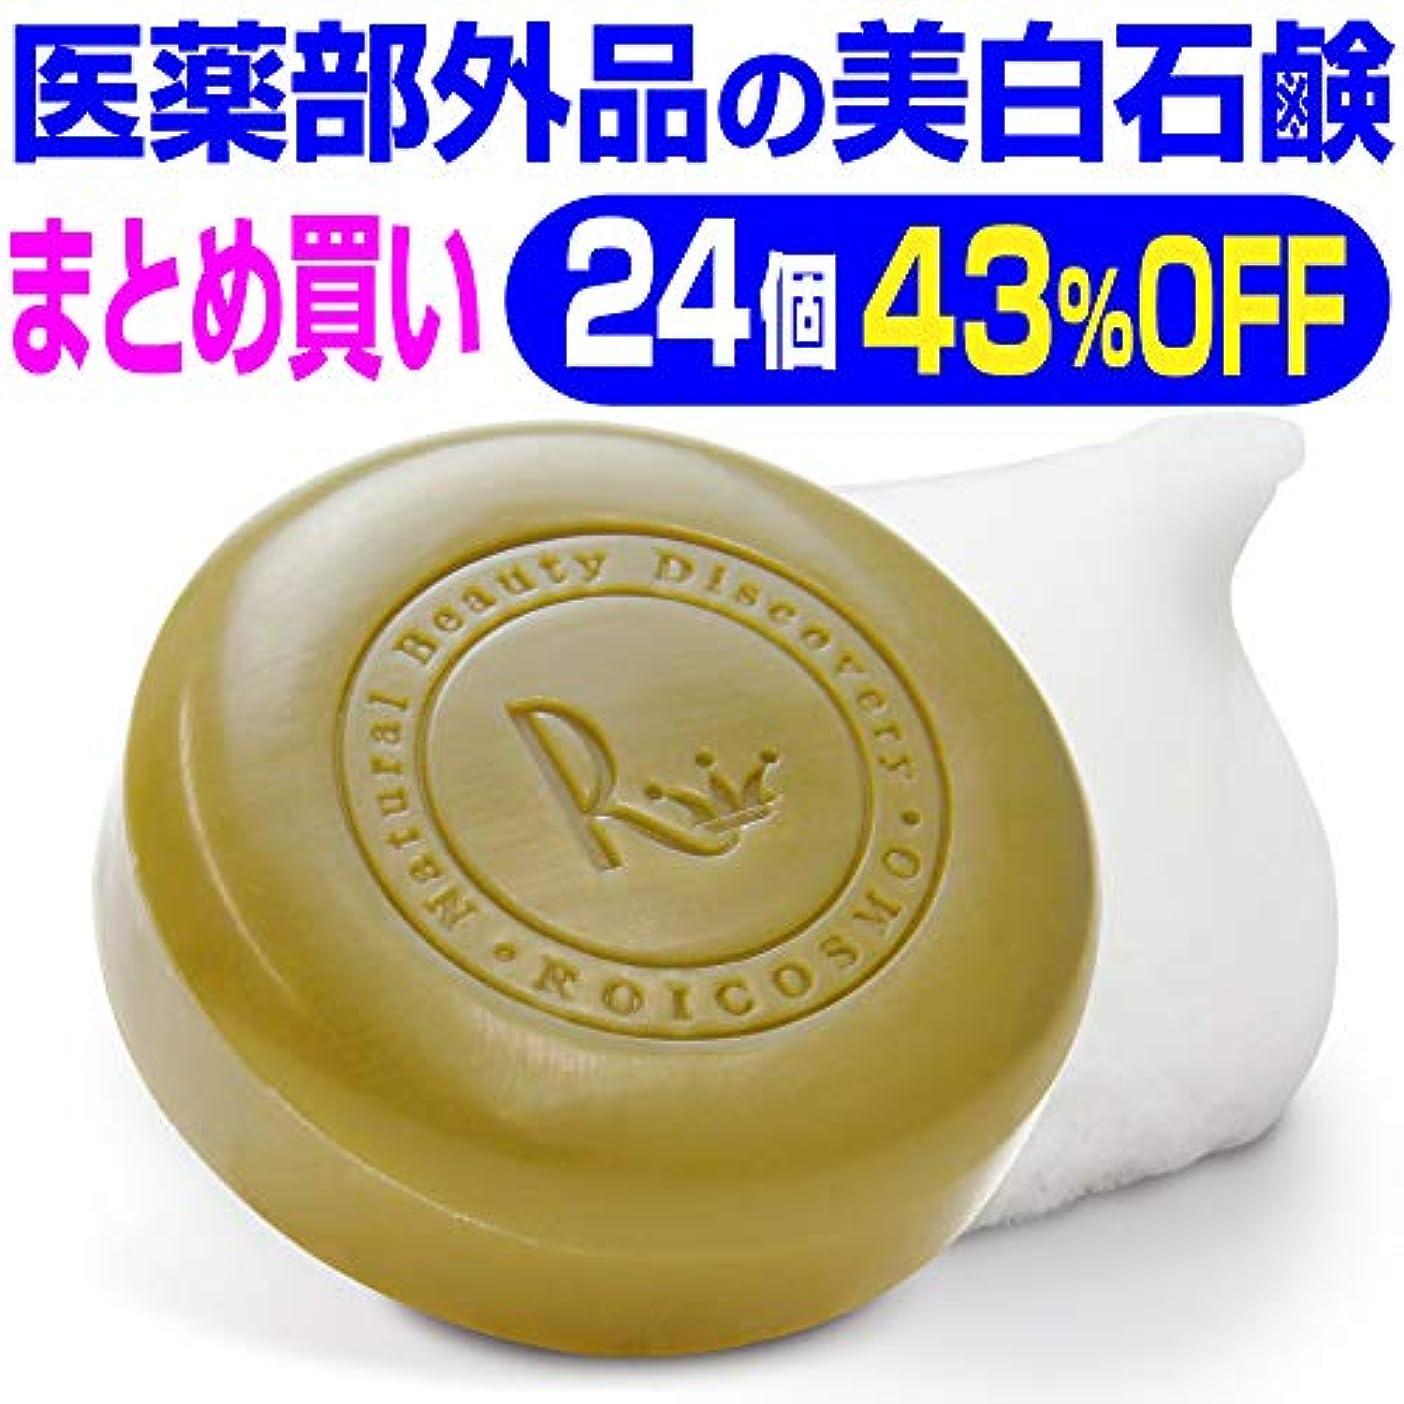 主に干し草肌寒い24個まとめ買い43%OFF 美白石鹸/ビタミンC270倍の美白成分配合の 洗顔石鹸『ホワイトソープ100g×24個』